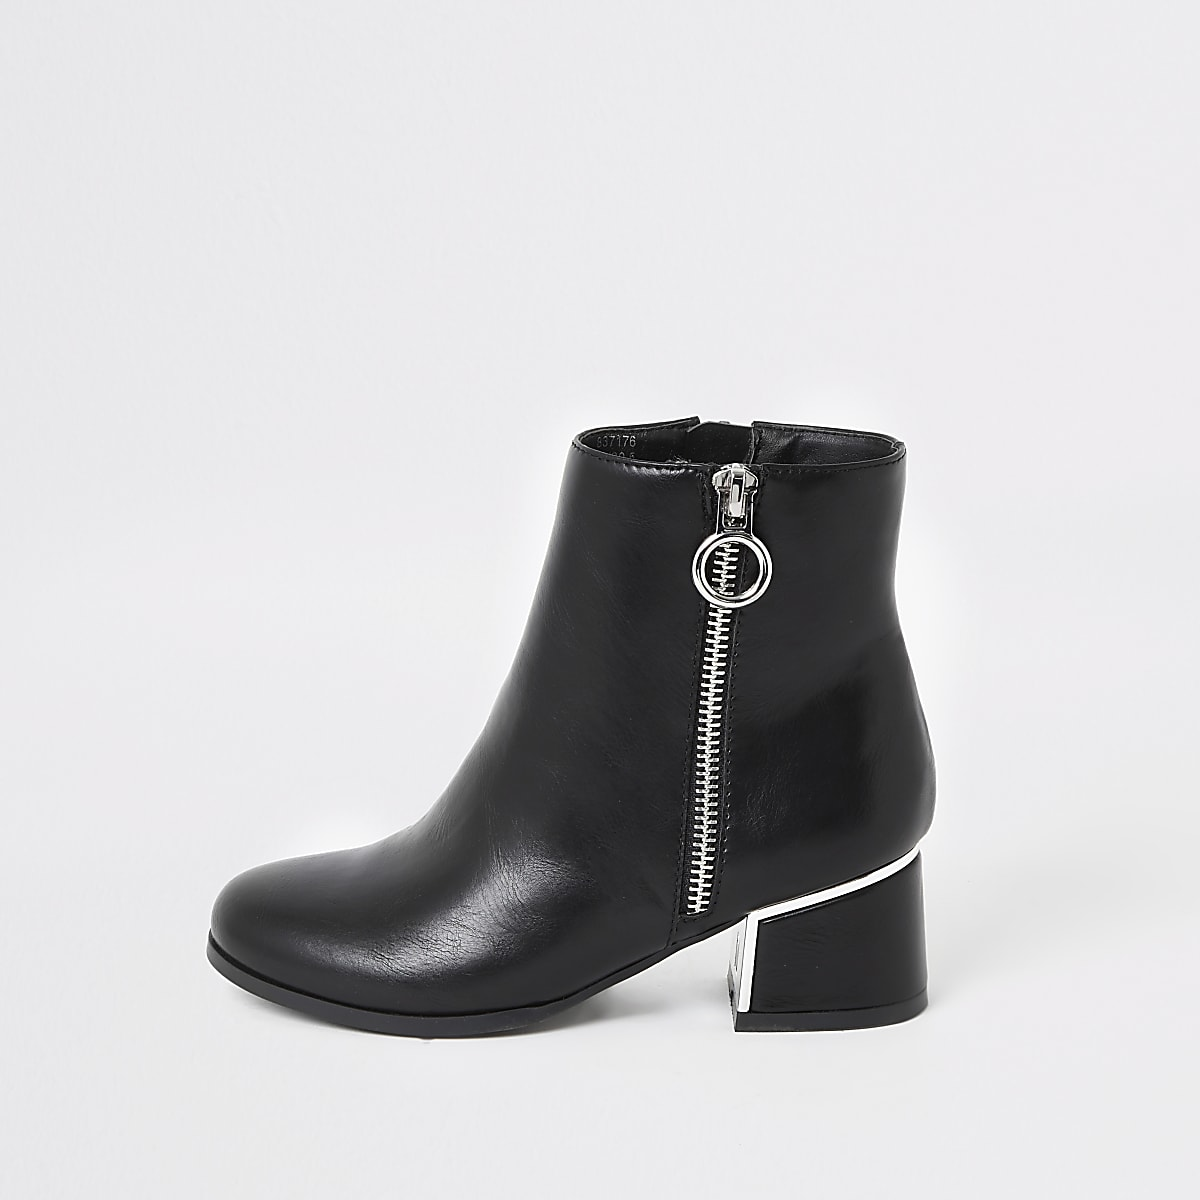 e0d8a2cb1d4 Girls black block heel boot